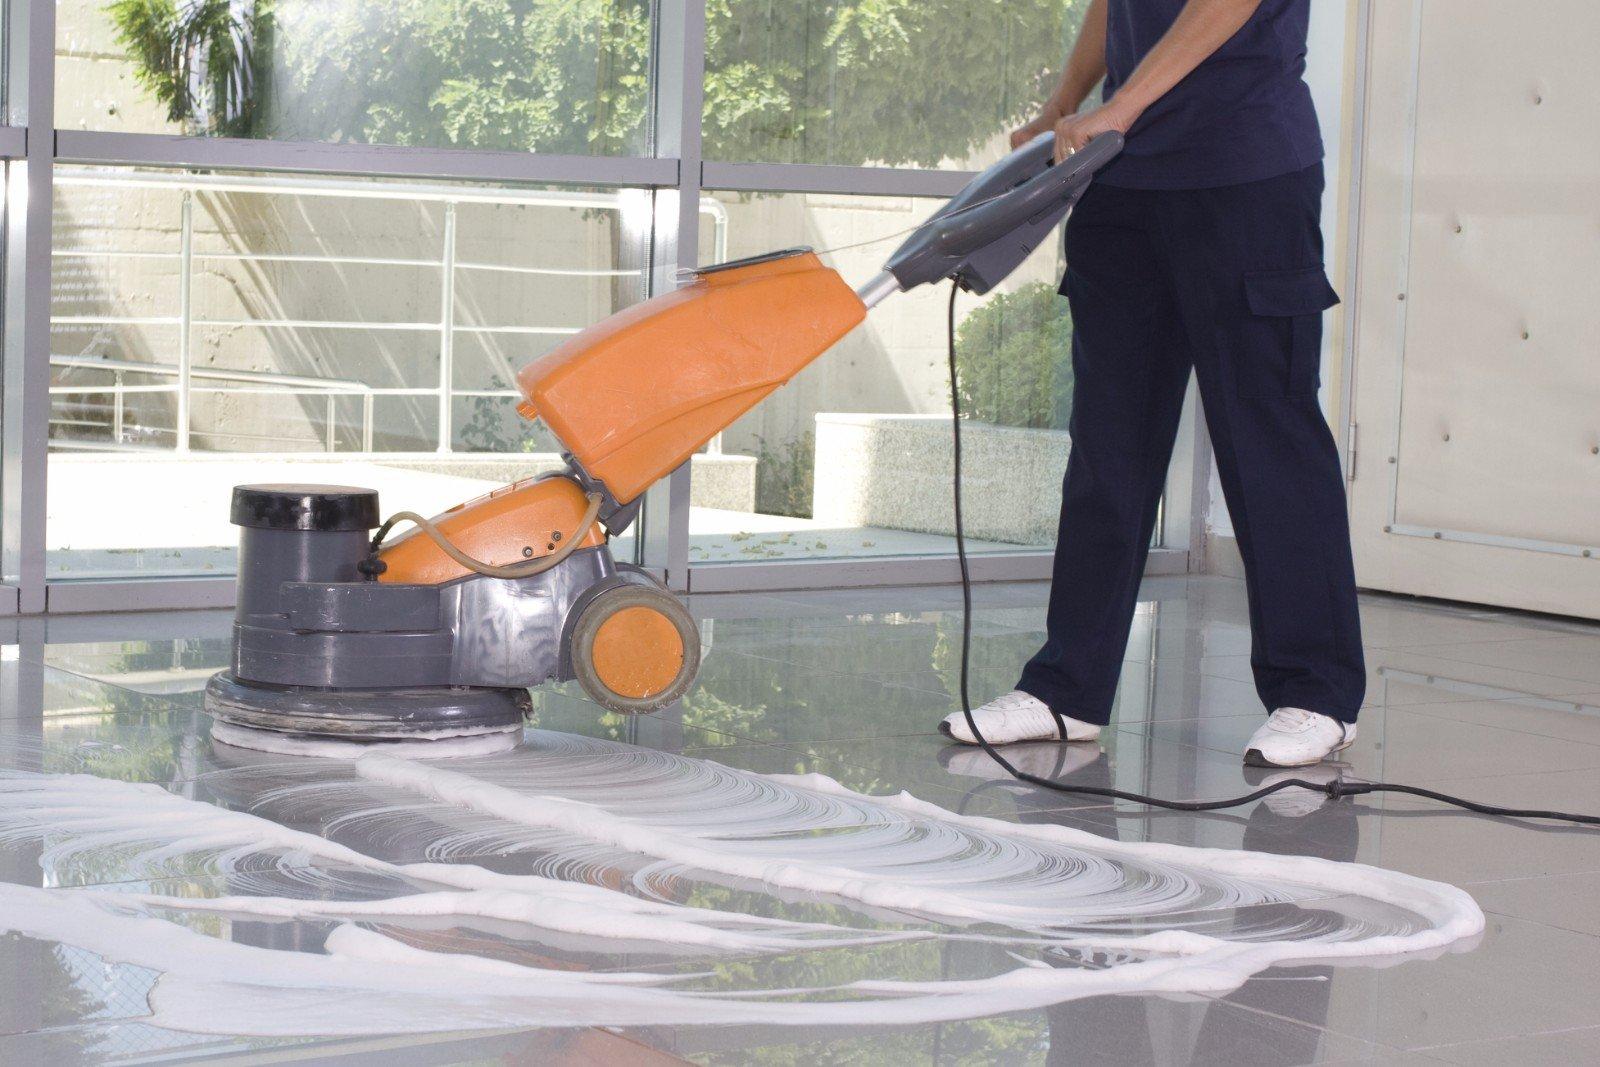 Pulizia professionale del pavimento